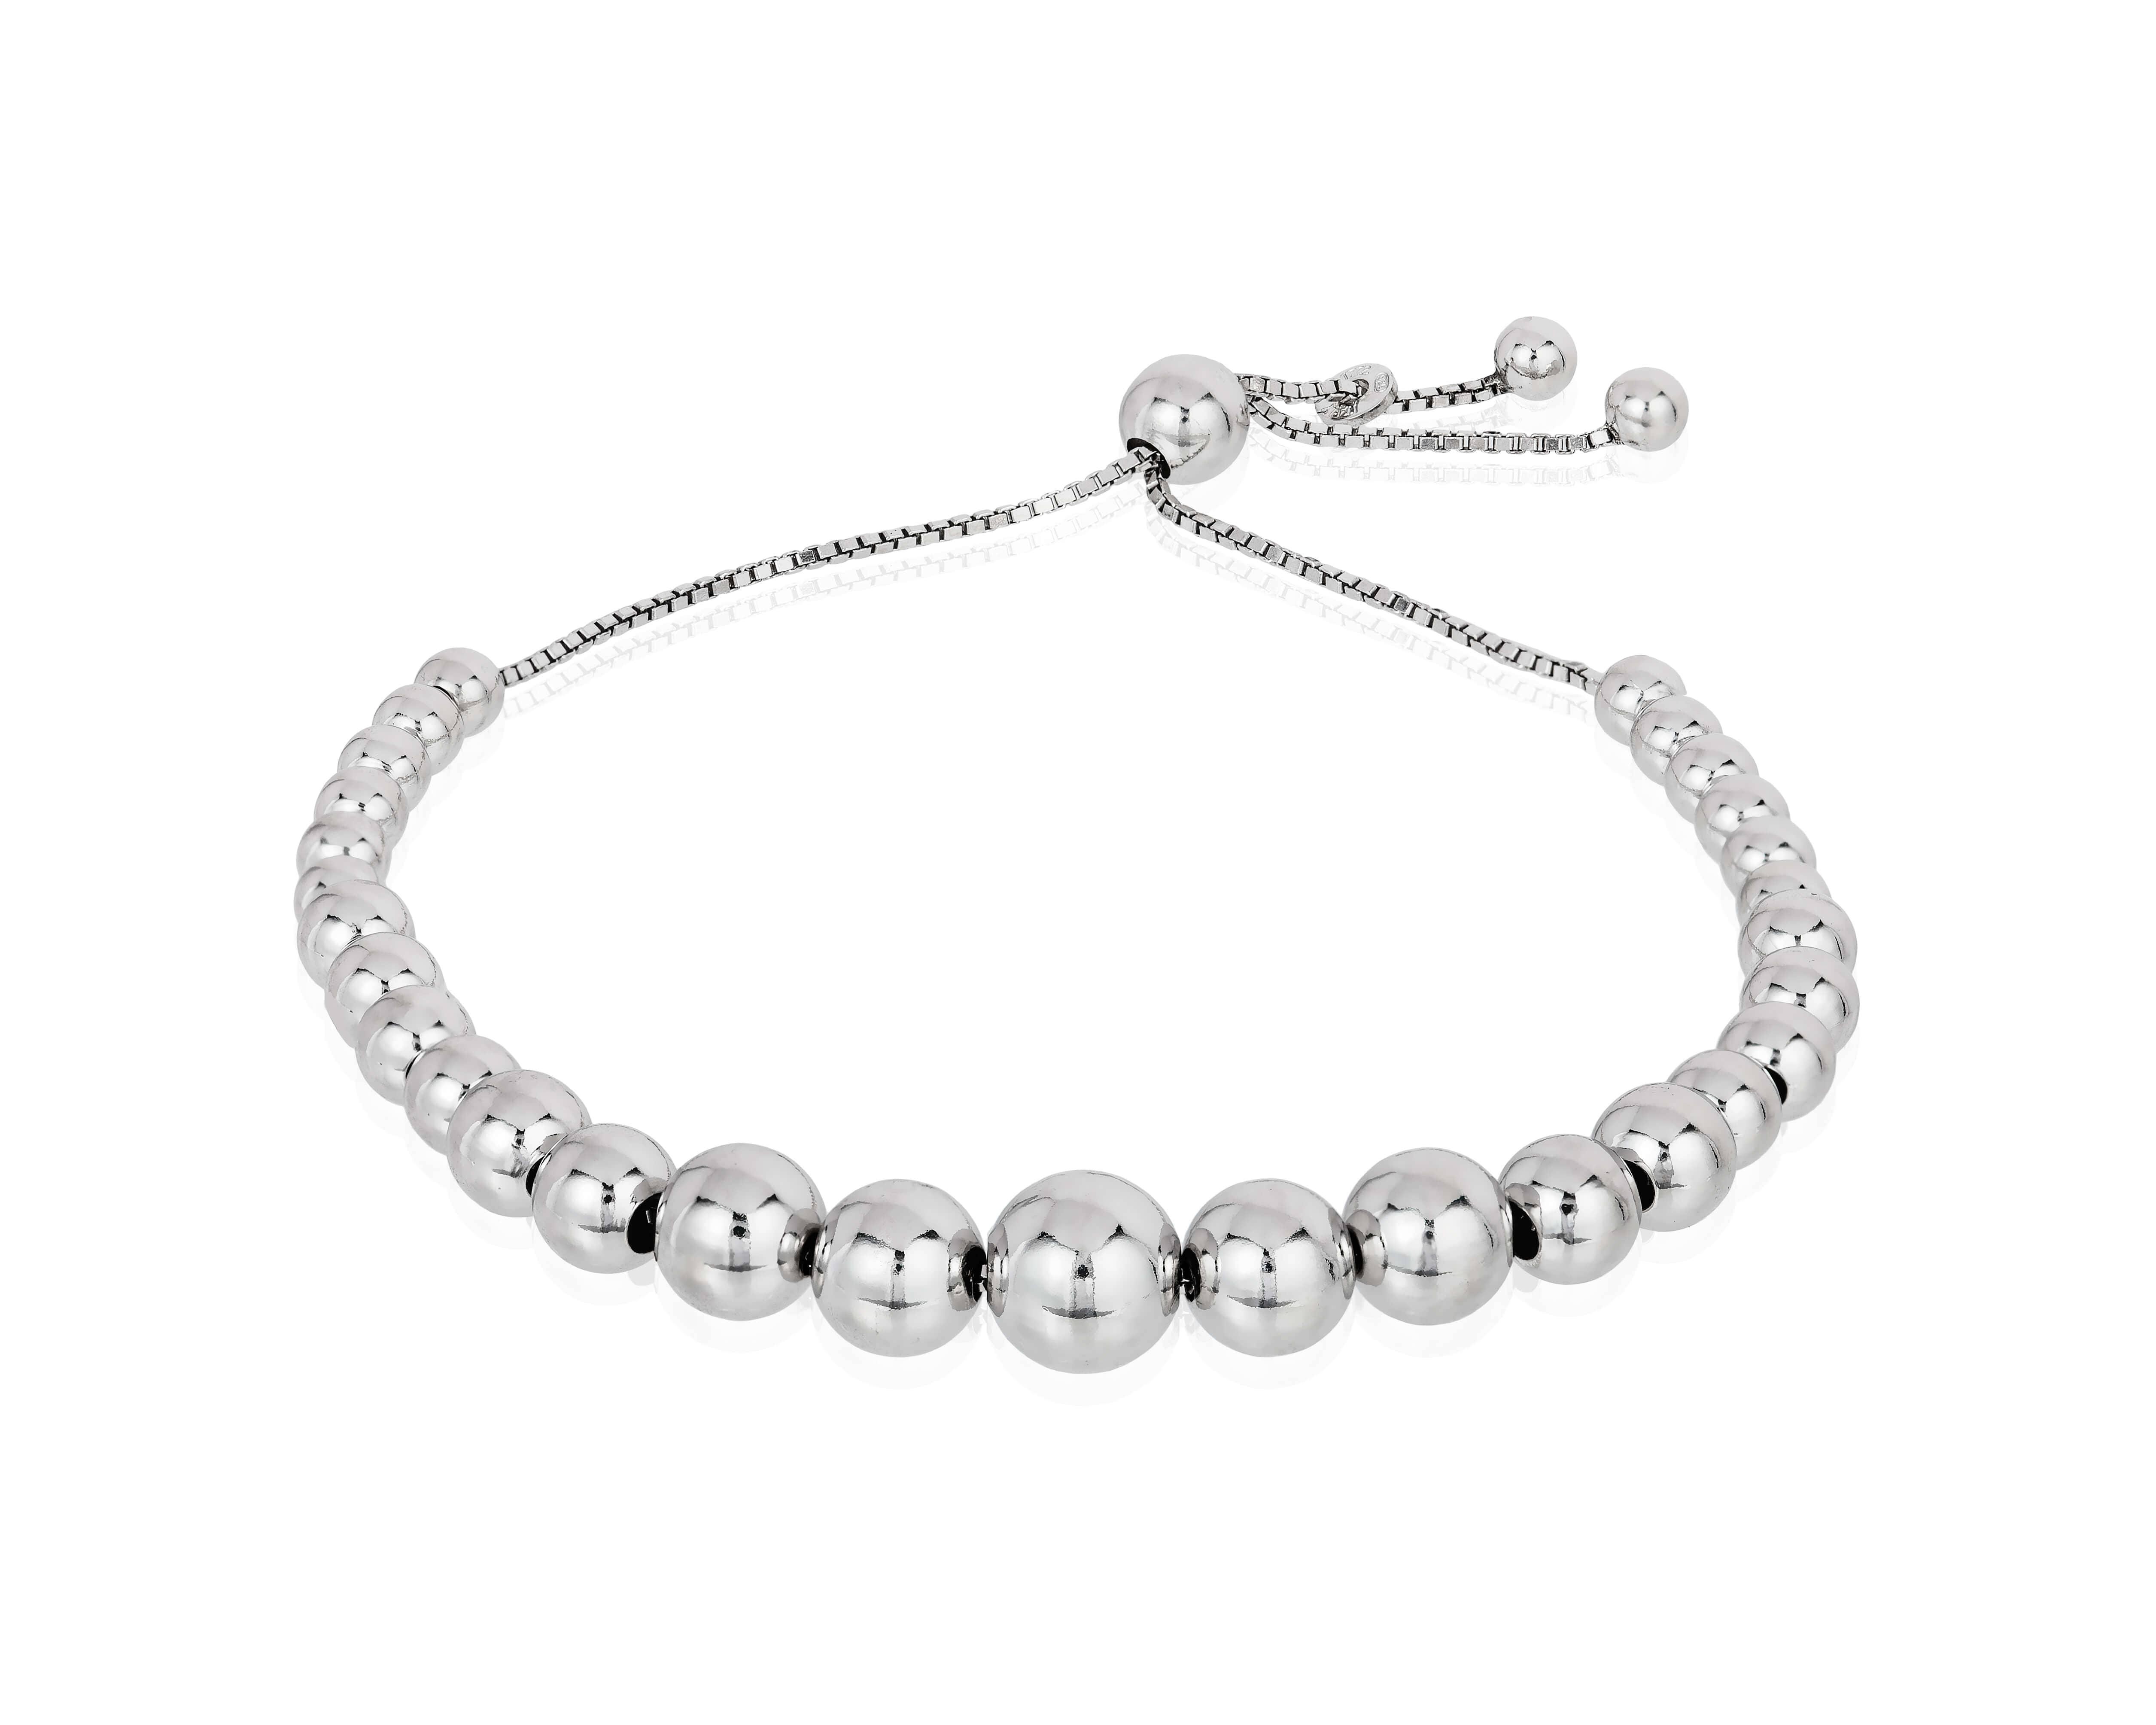 Beaded Sterling Silver Best Friend Bracelet